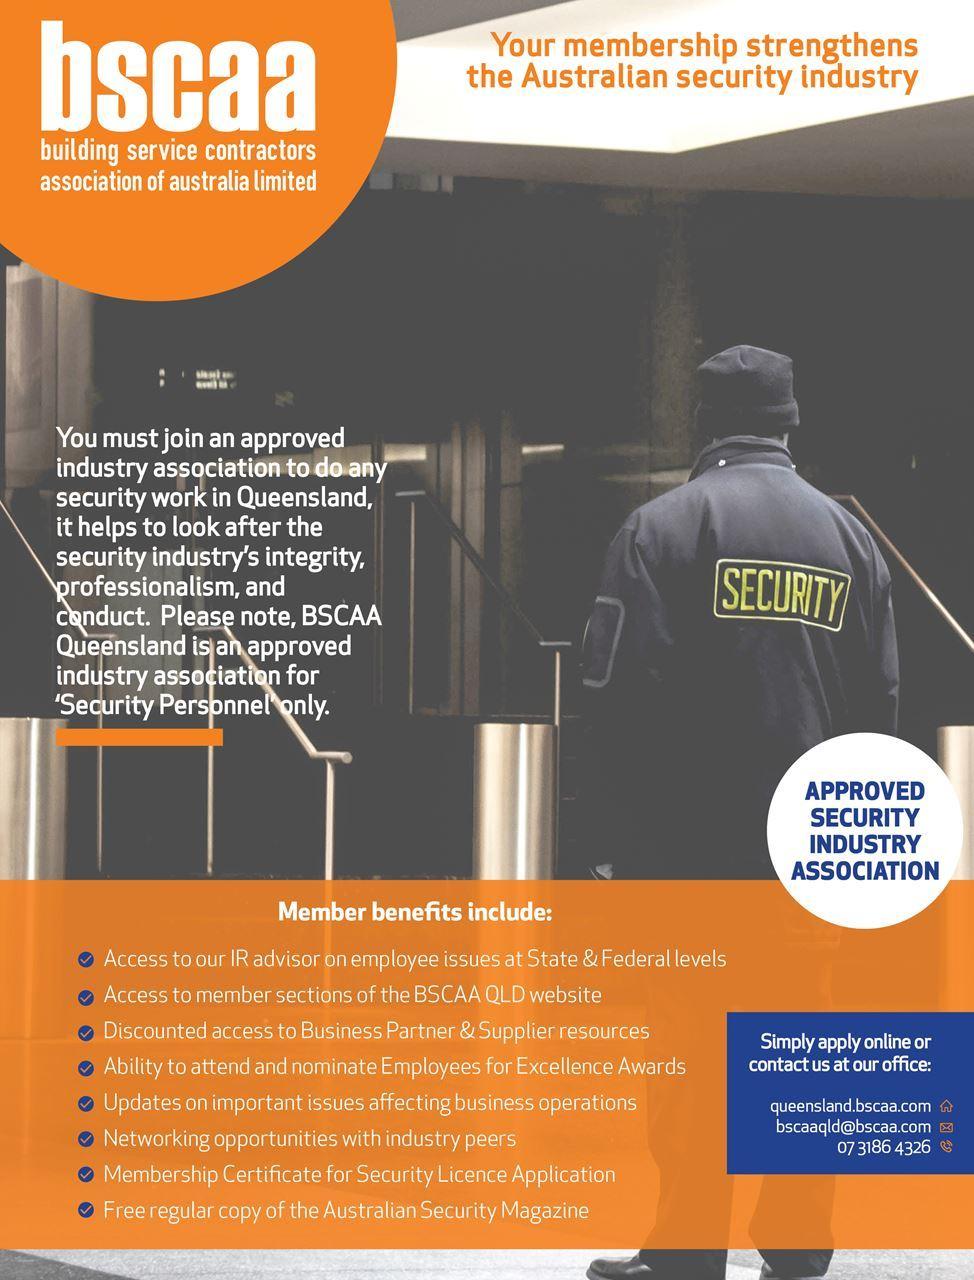 BSCAA Queensland - Security Members